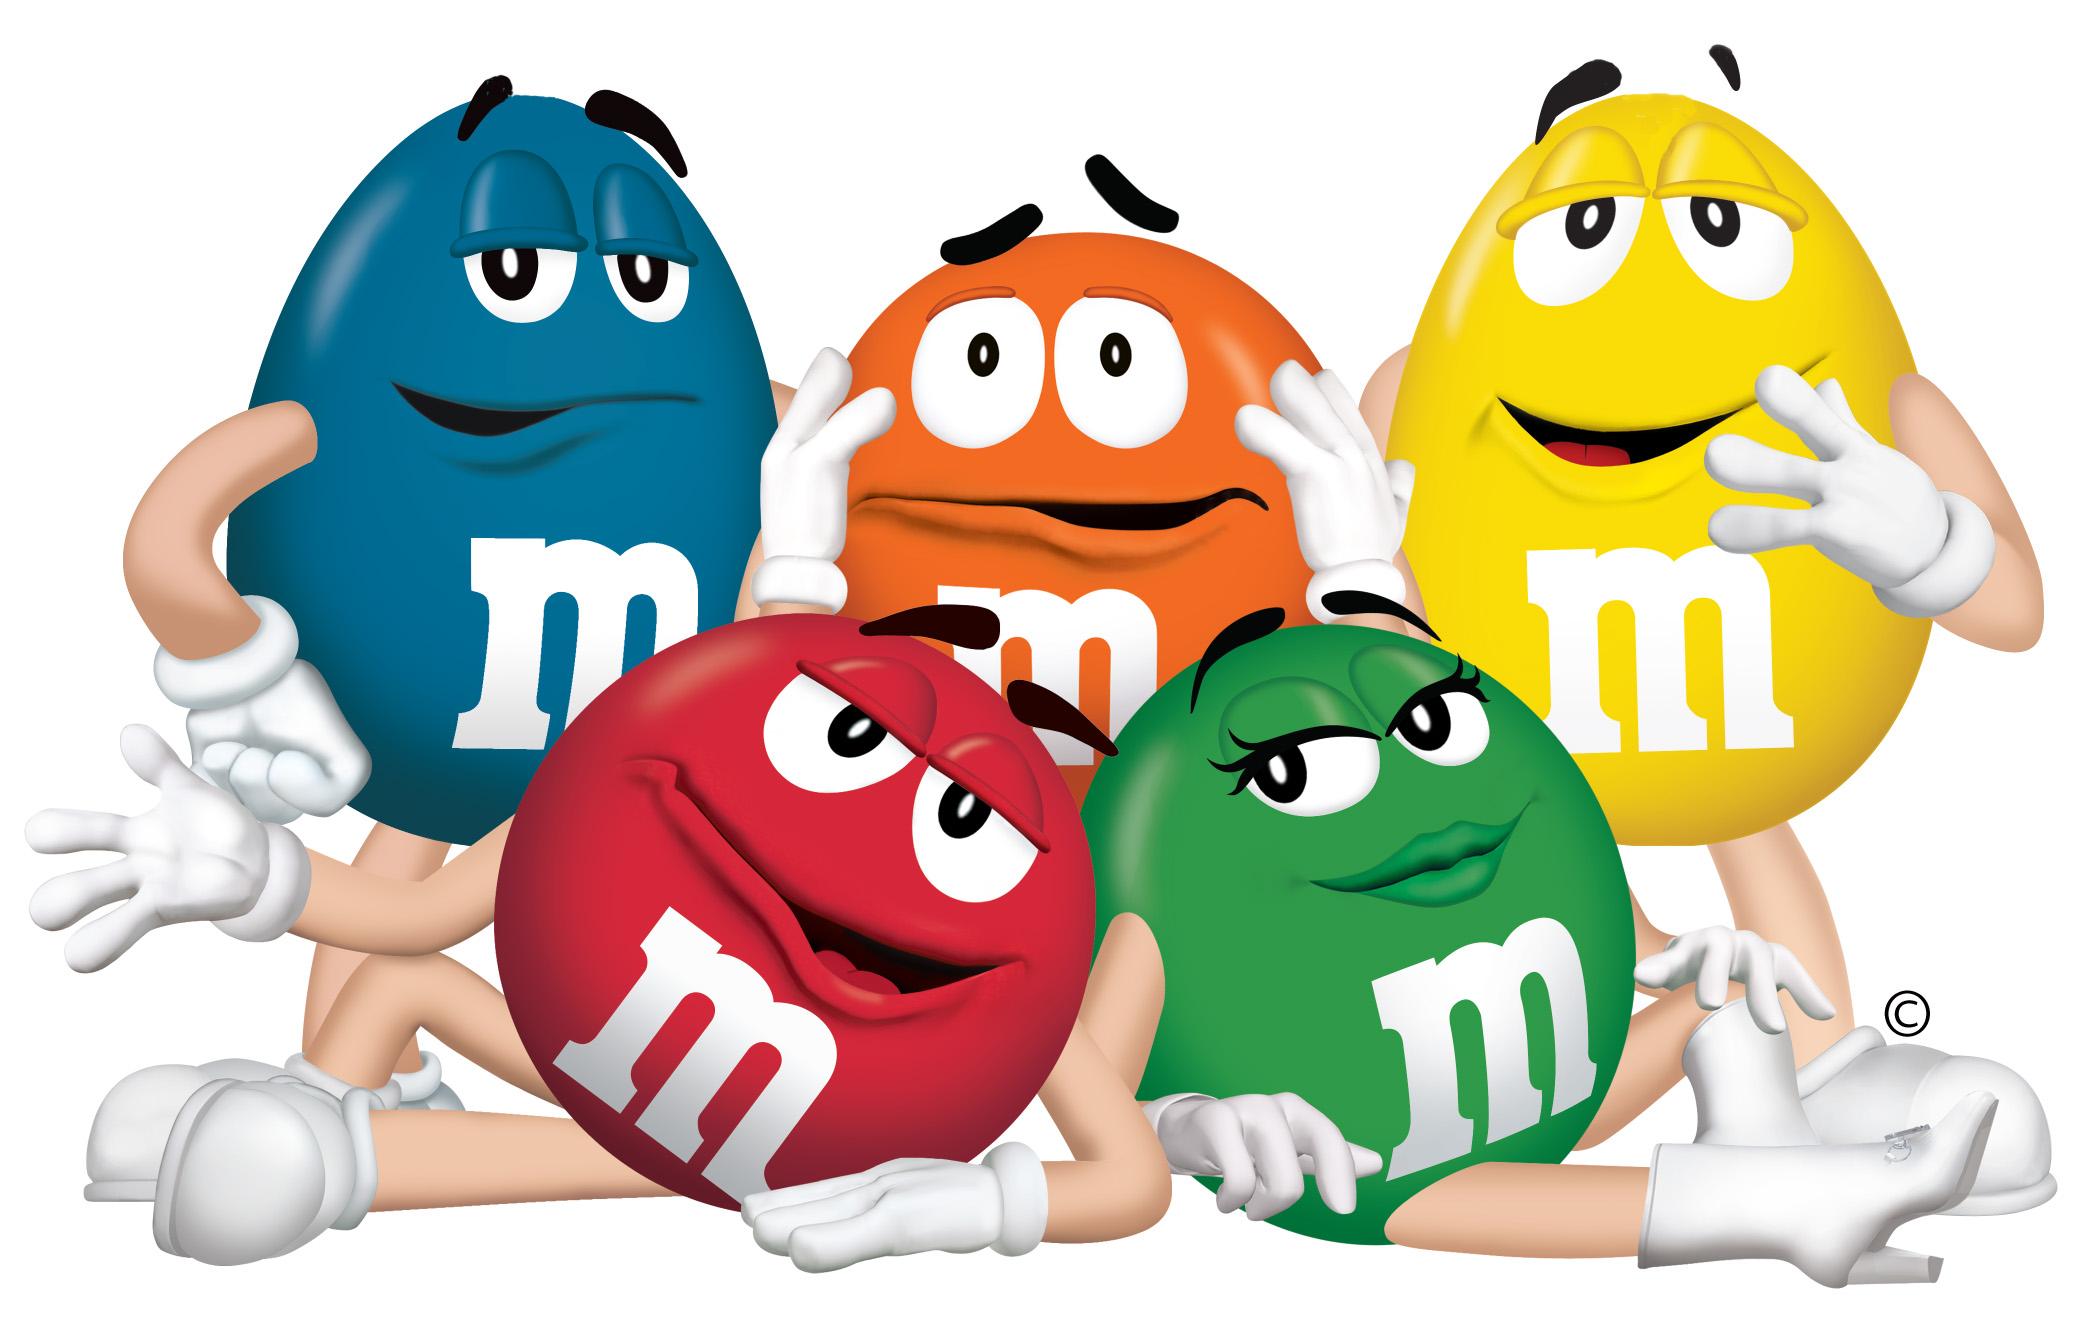 Mu0026amp;m Candy Clipart